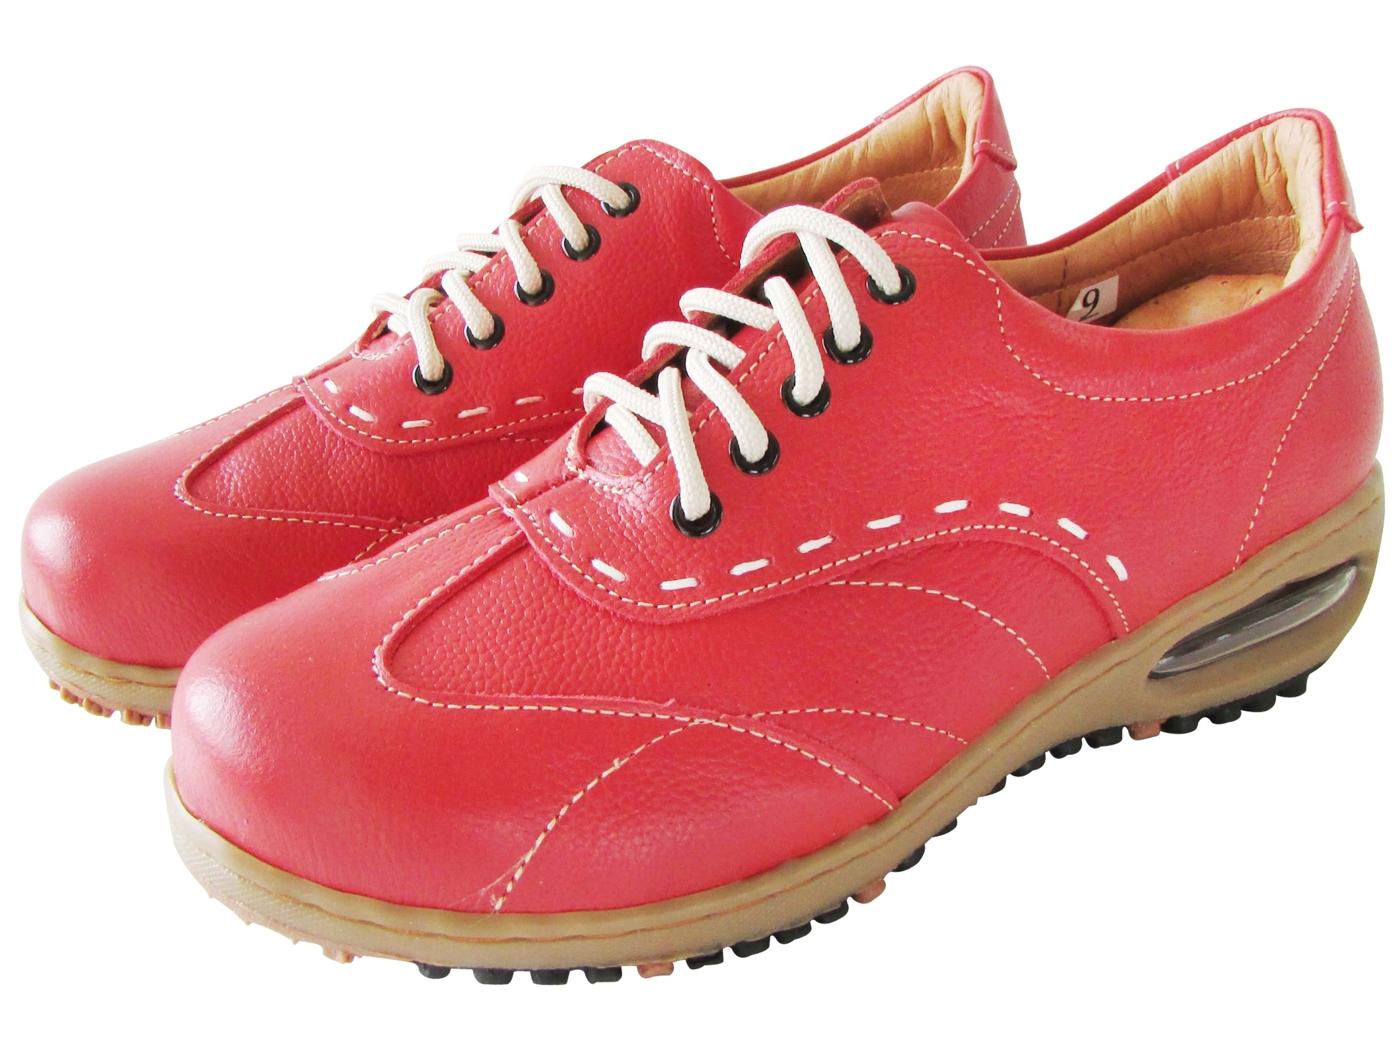 雙惠鞋櫃路豹Zobr典雅線條感女牛皮休閒鞋台灣製造BB725紅